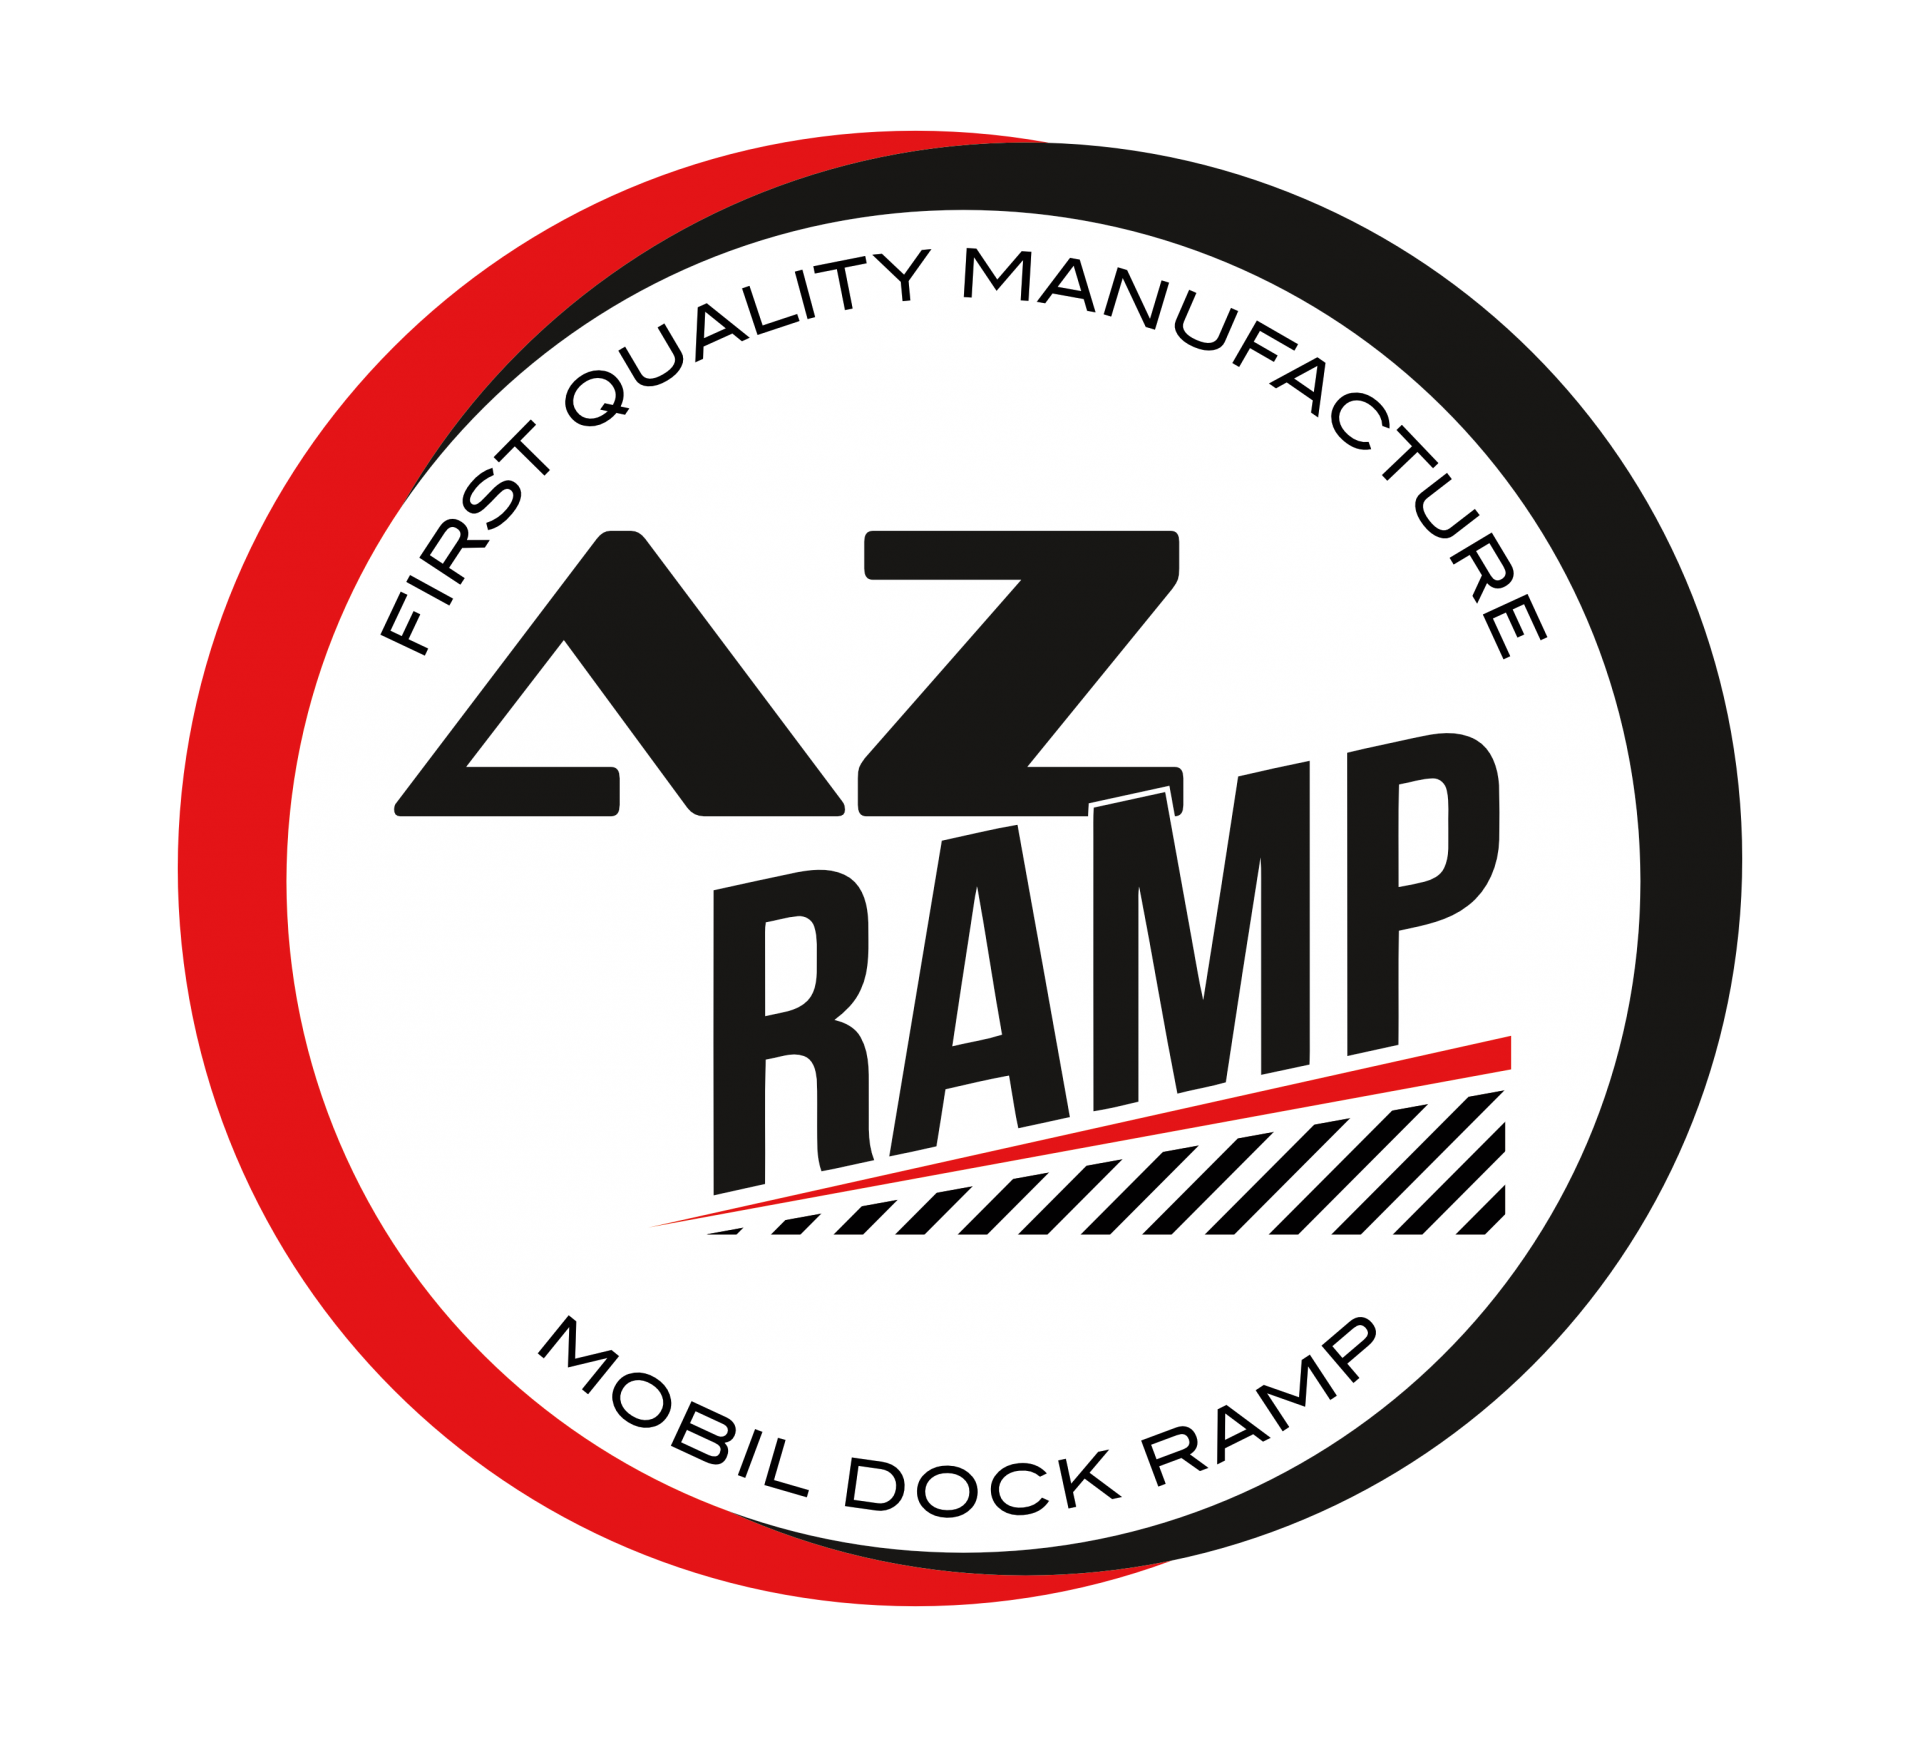 Logo az ramp